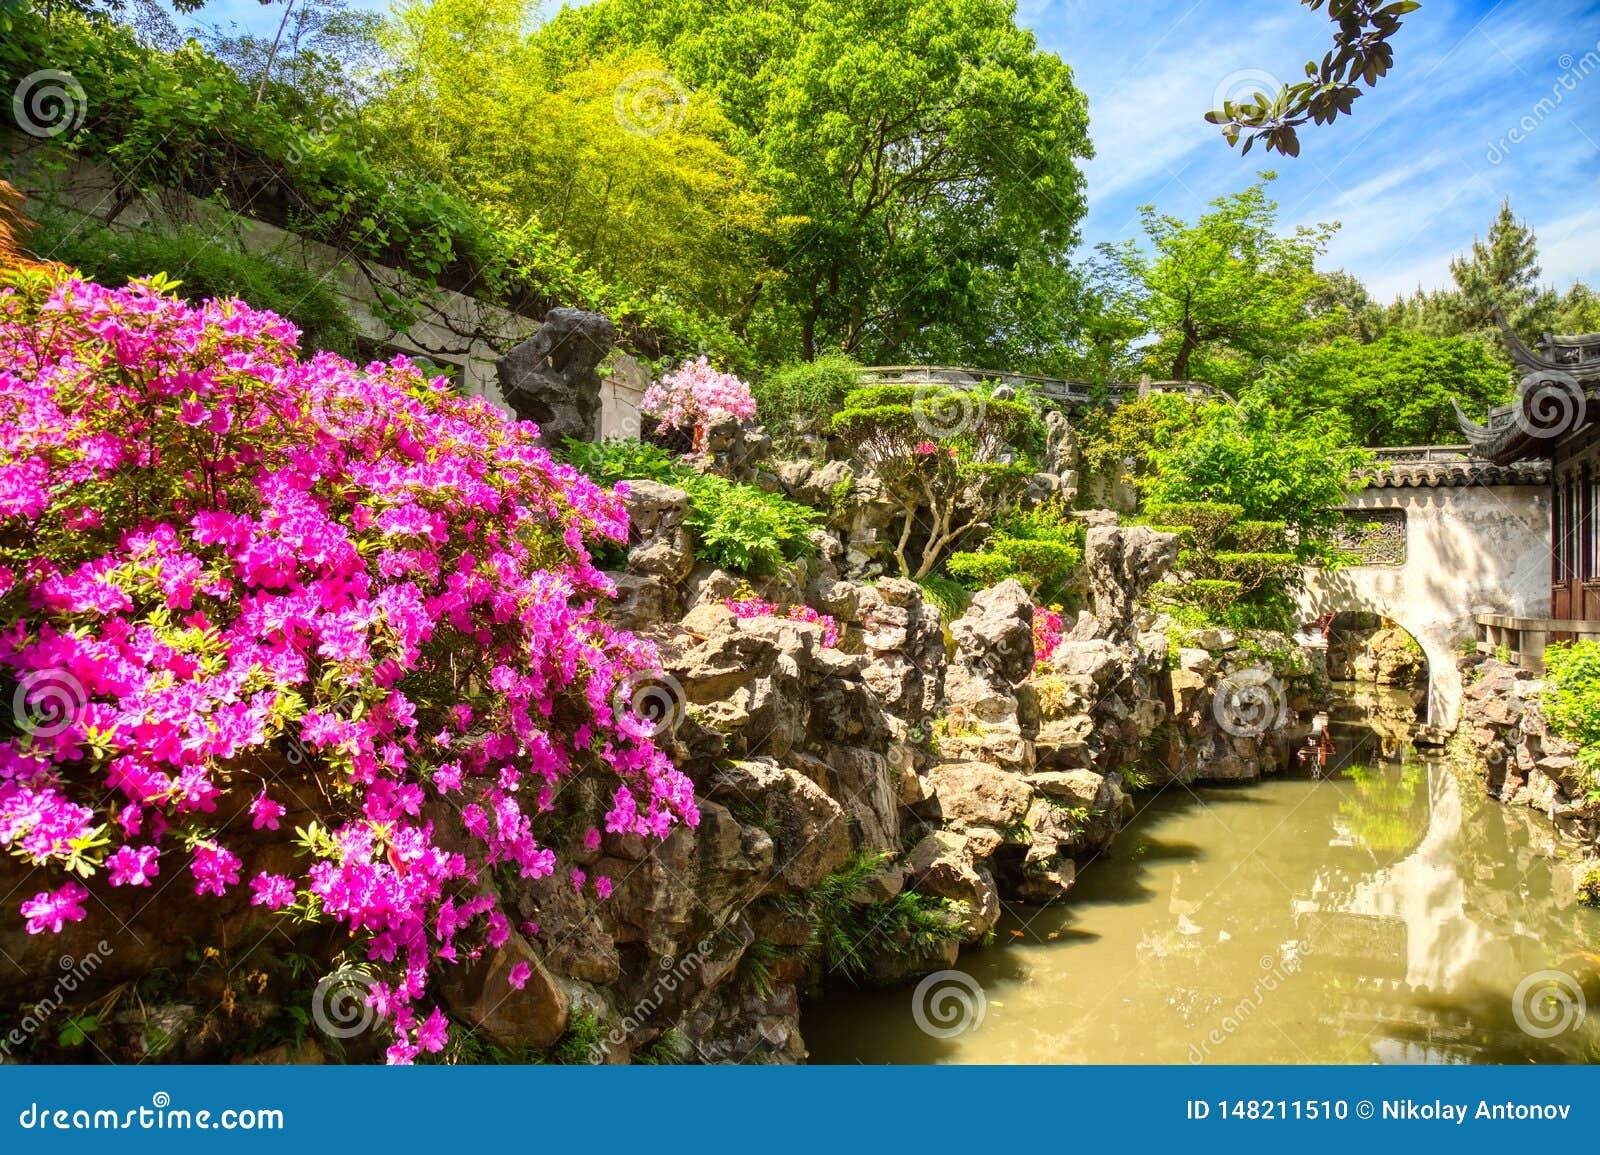 Ρόδινα λουλούδια και λεπτομέρειες του ιστορικού κήπου Yuyuan κατά τη διάρκεια της θερινής ηλιόλουστης ημέρας στη Σαγκάη, Κίνα